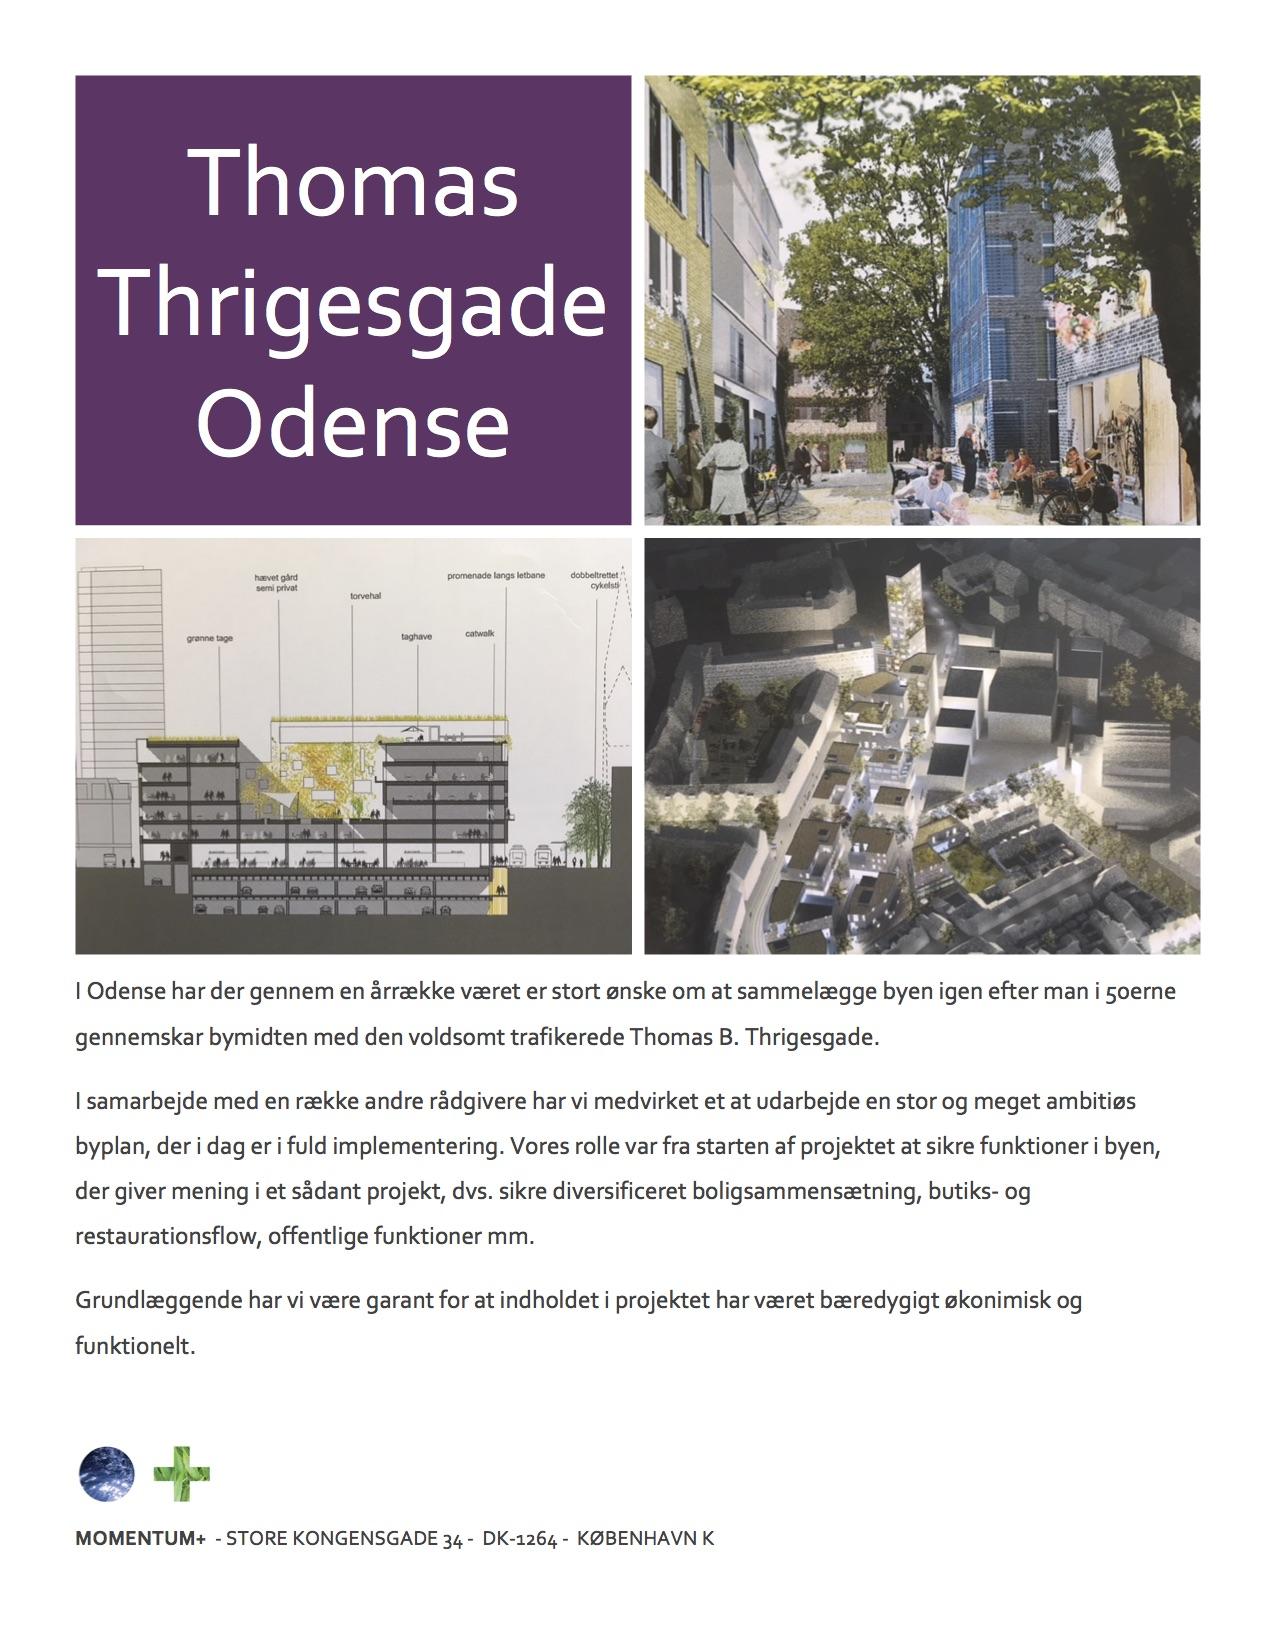 Thomas Thrigesgade - 7 ref. -1 .jpg